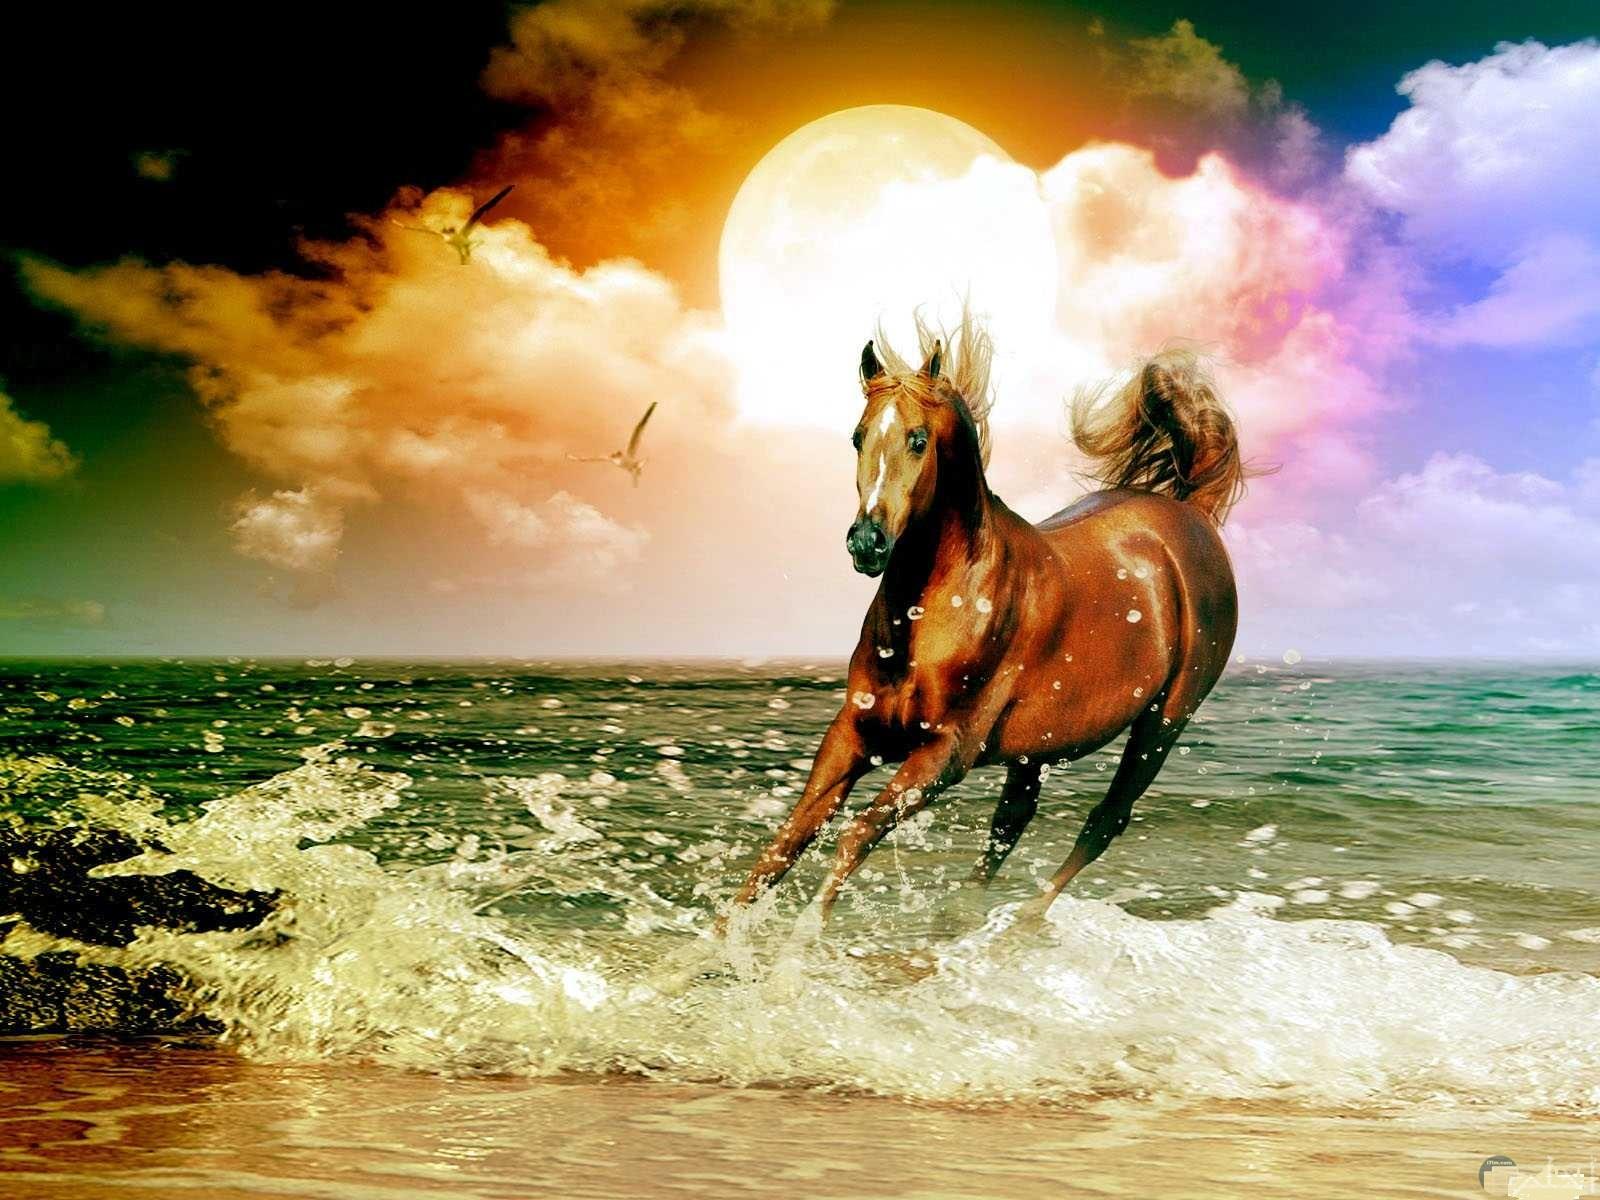 أجمل صور الخيول و الأحصنة